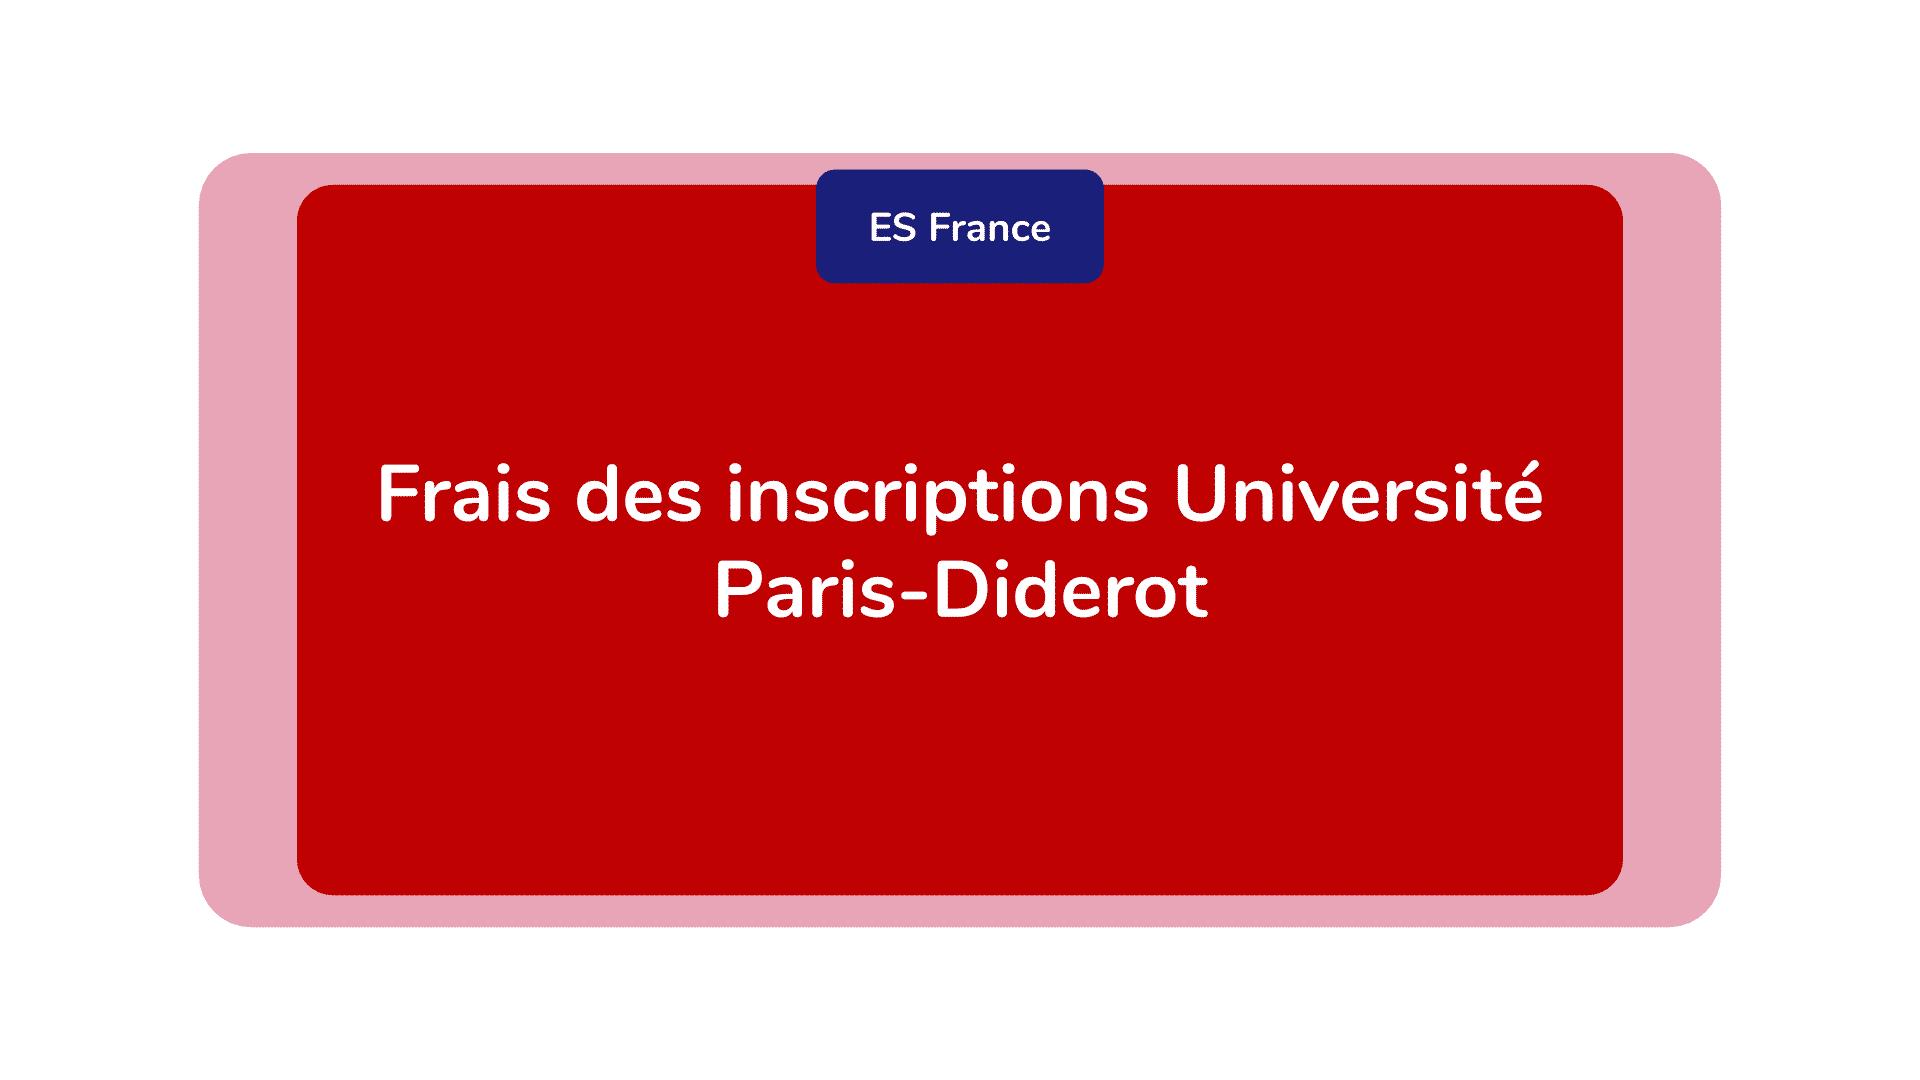 Frais des inscriptions Université Paris-Diderot